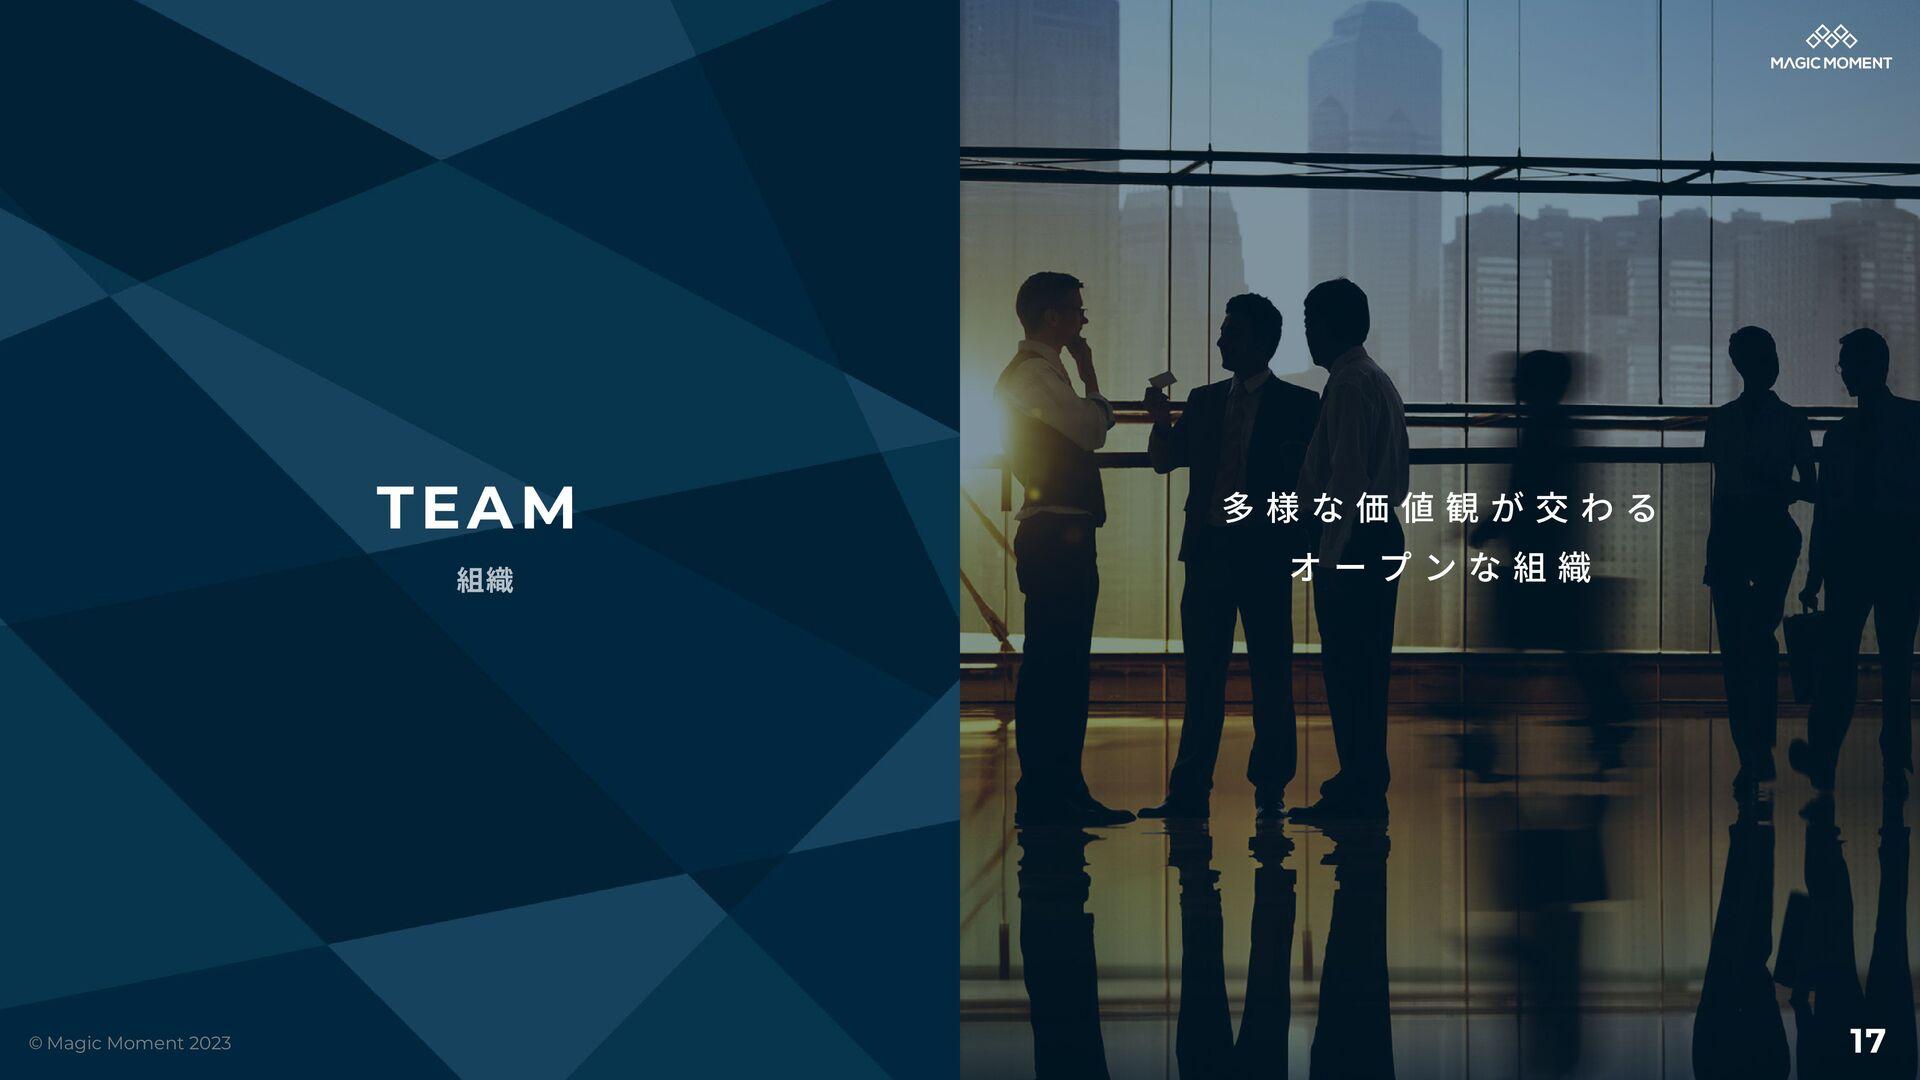 多 様 な 価 値 観 が 交 わ る オ ー プ ン な 組 織 TEAM 組織 © Mag...